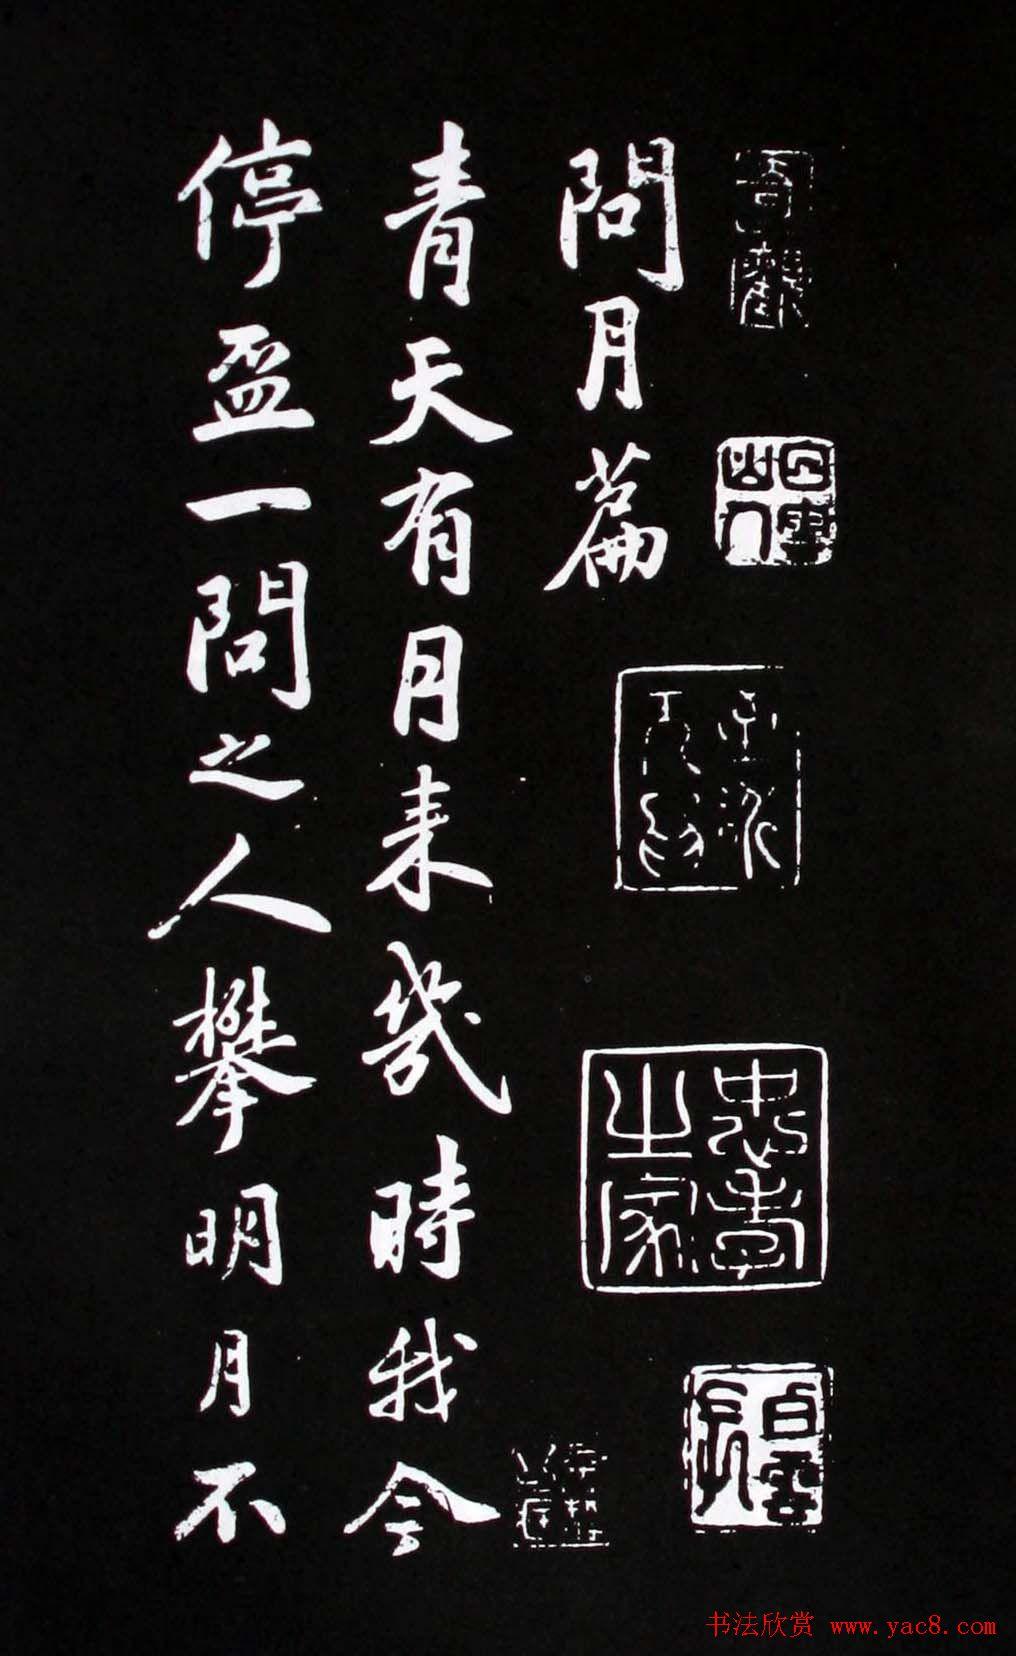 米芾行书书法欣赏《李青莲问月诗》